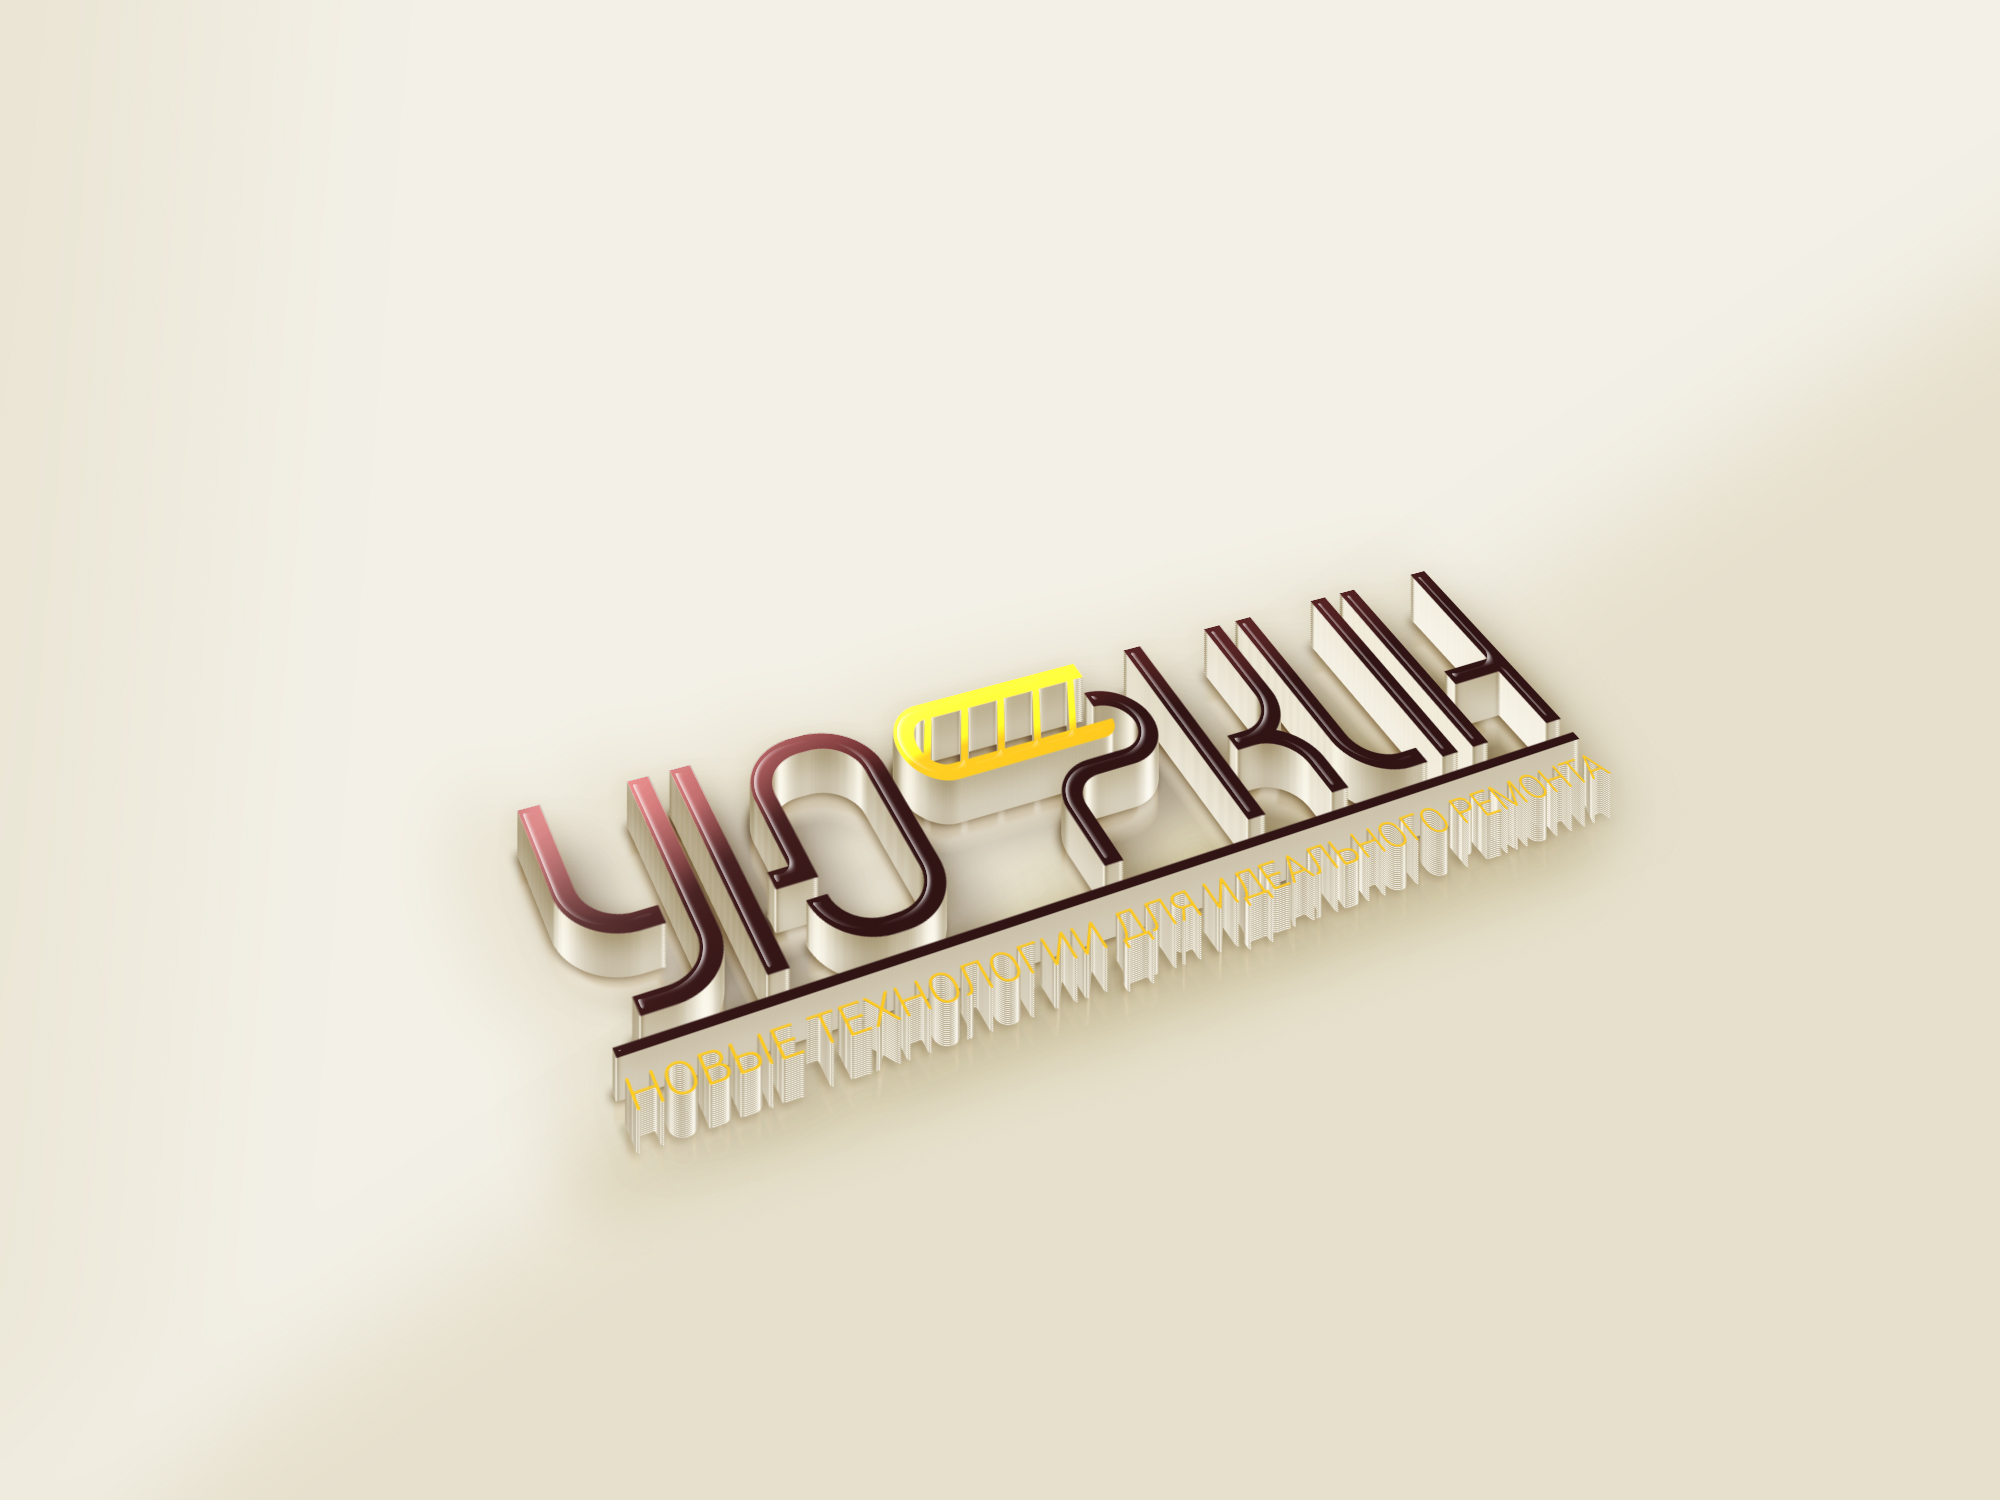 Создание логотипа и стиля сайта фото f_6855c61a5eb7816a.jpg